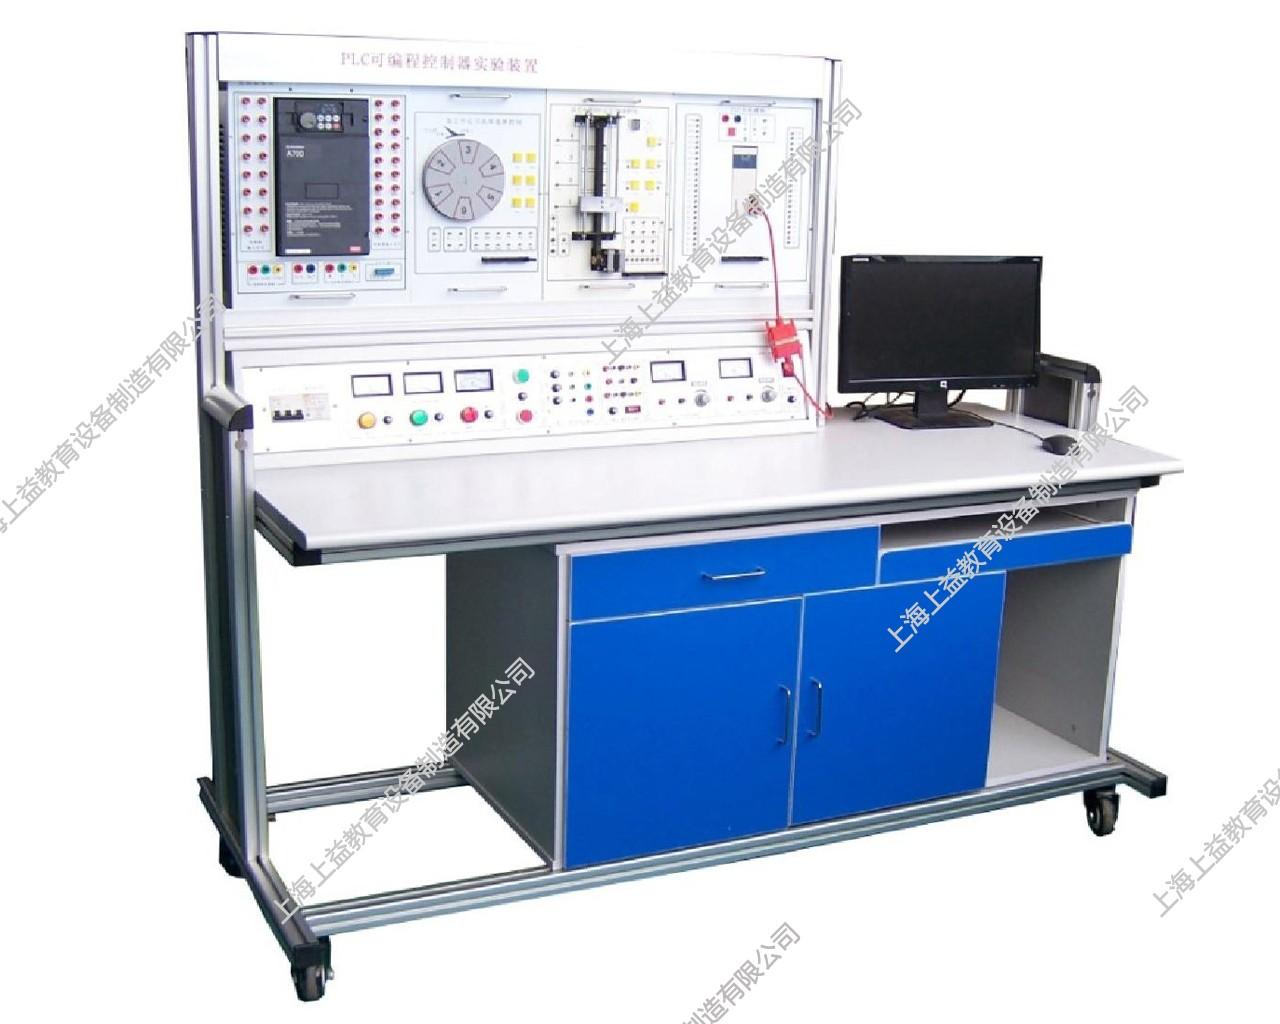 SYPLC-101CPLC可编程控制器/单片机实验开发/自动控制原理综合实验装置(立式、挂箱积木式)